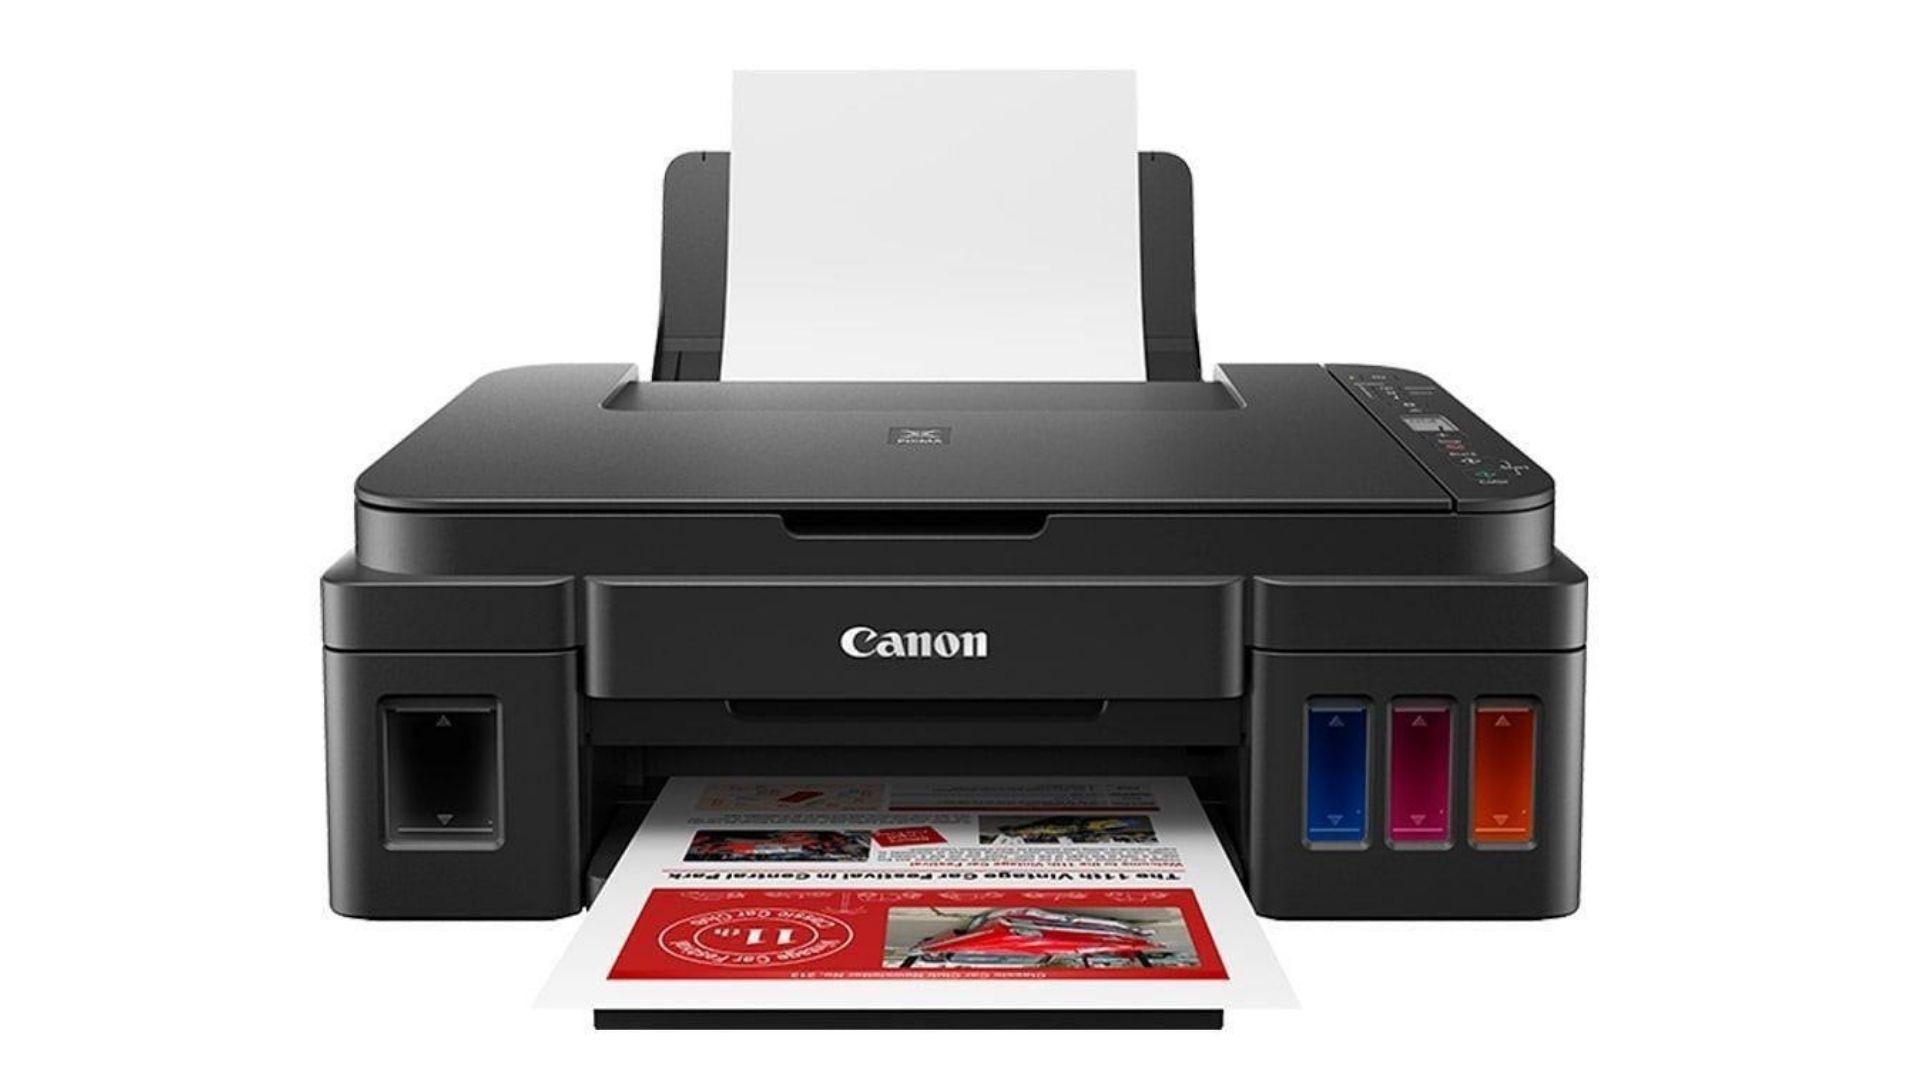 A Canon G3111 possui design discreto com os tanques de tinta na frente e os botões e tela LCD de 1,2 polegada no topo.